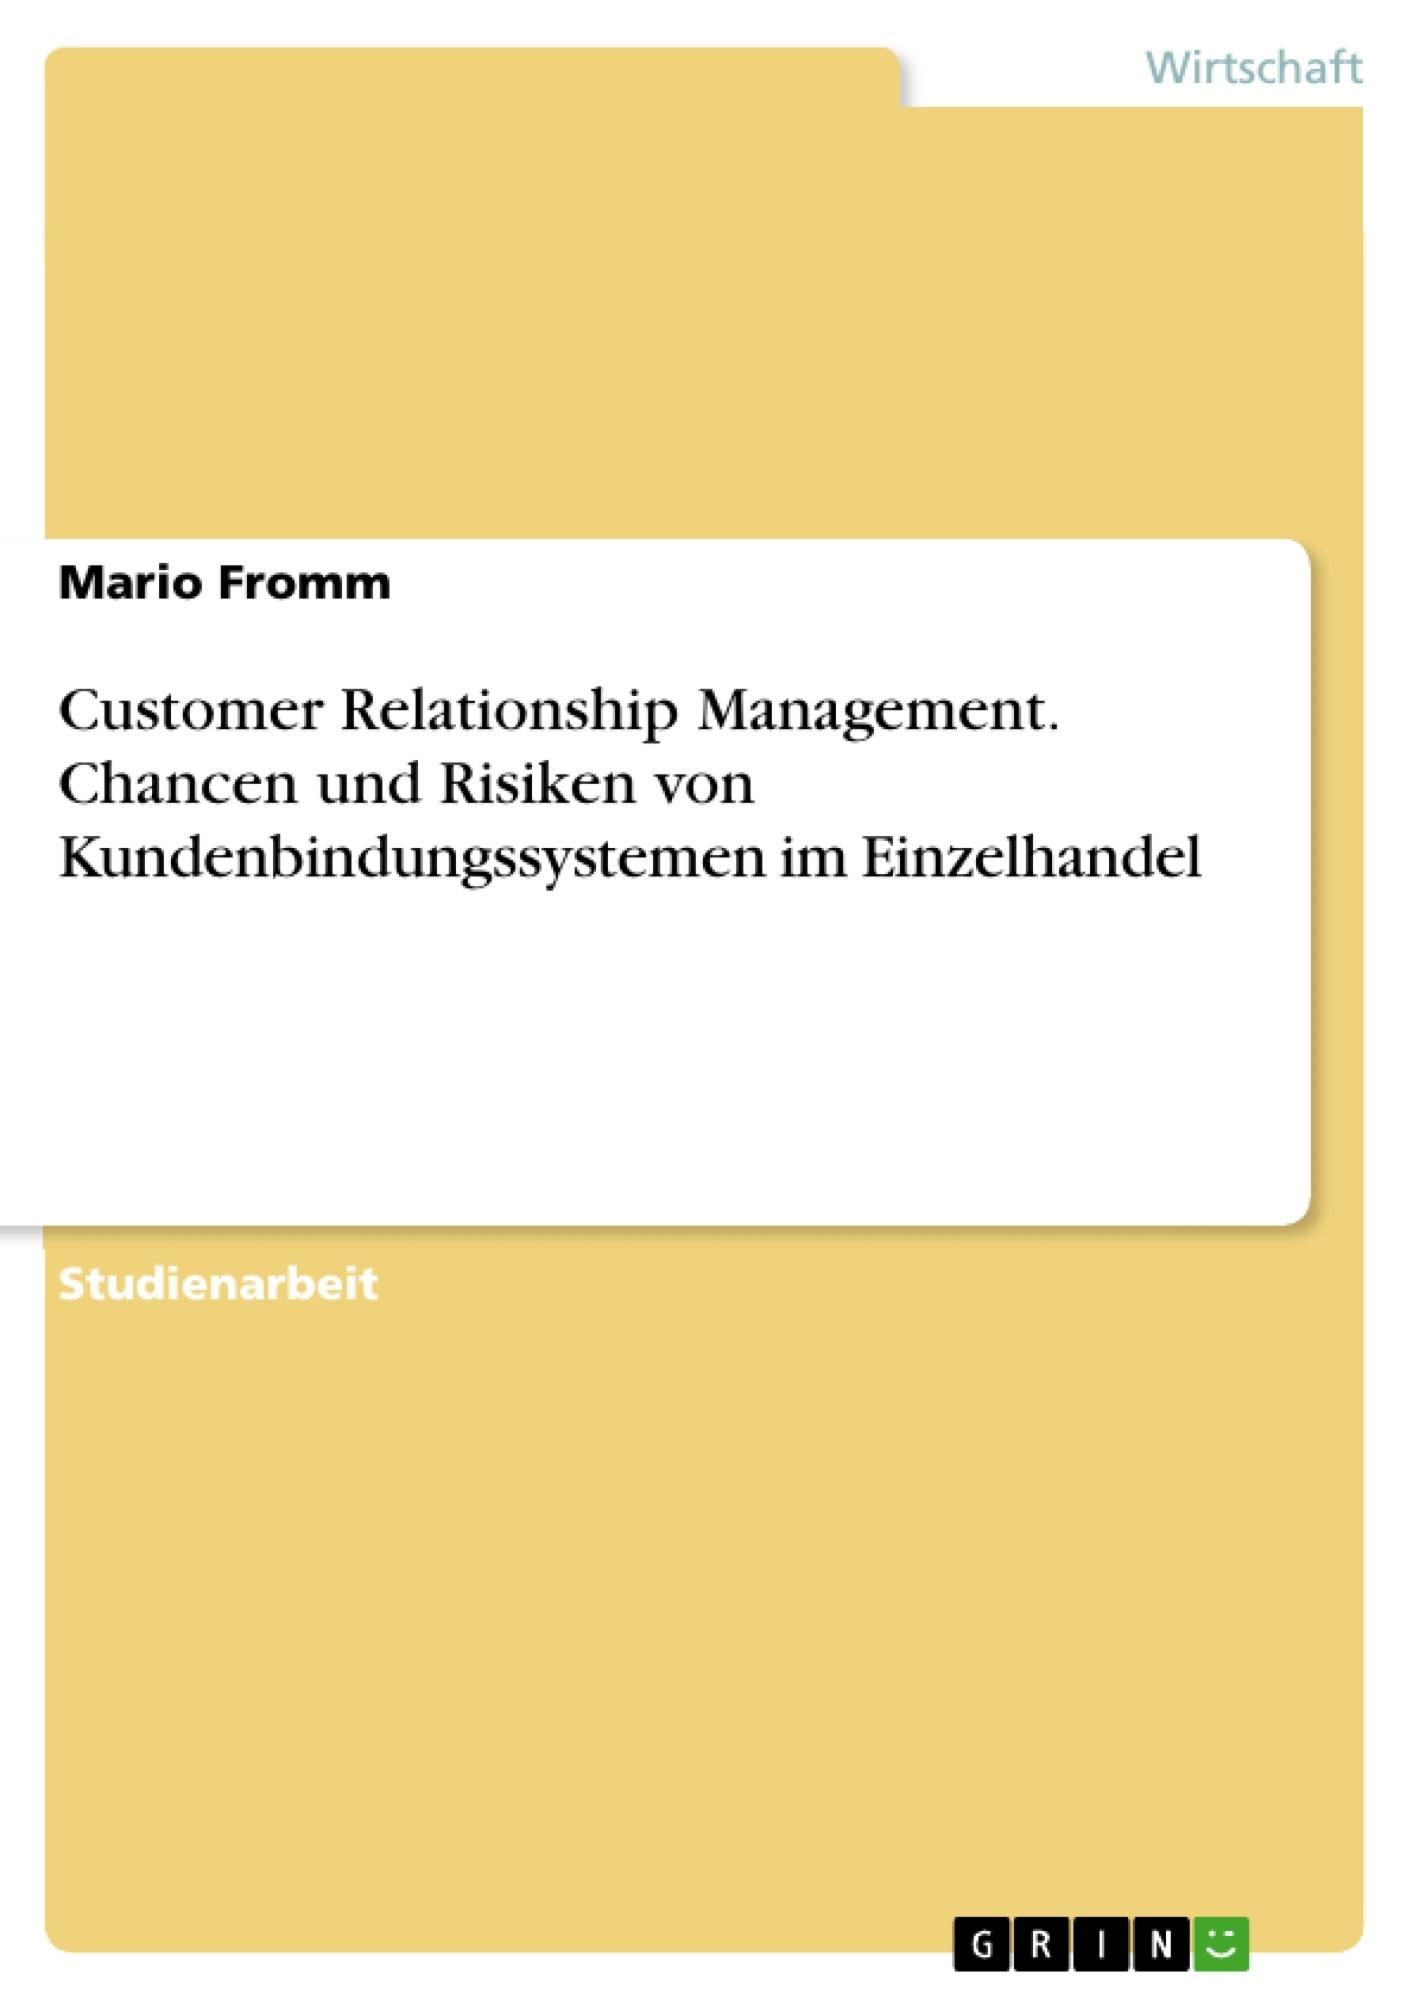 Titel: Customer Relationship Management. Chancen und Risiken von Kundenbindungssystemen im Einzelhandel